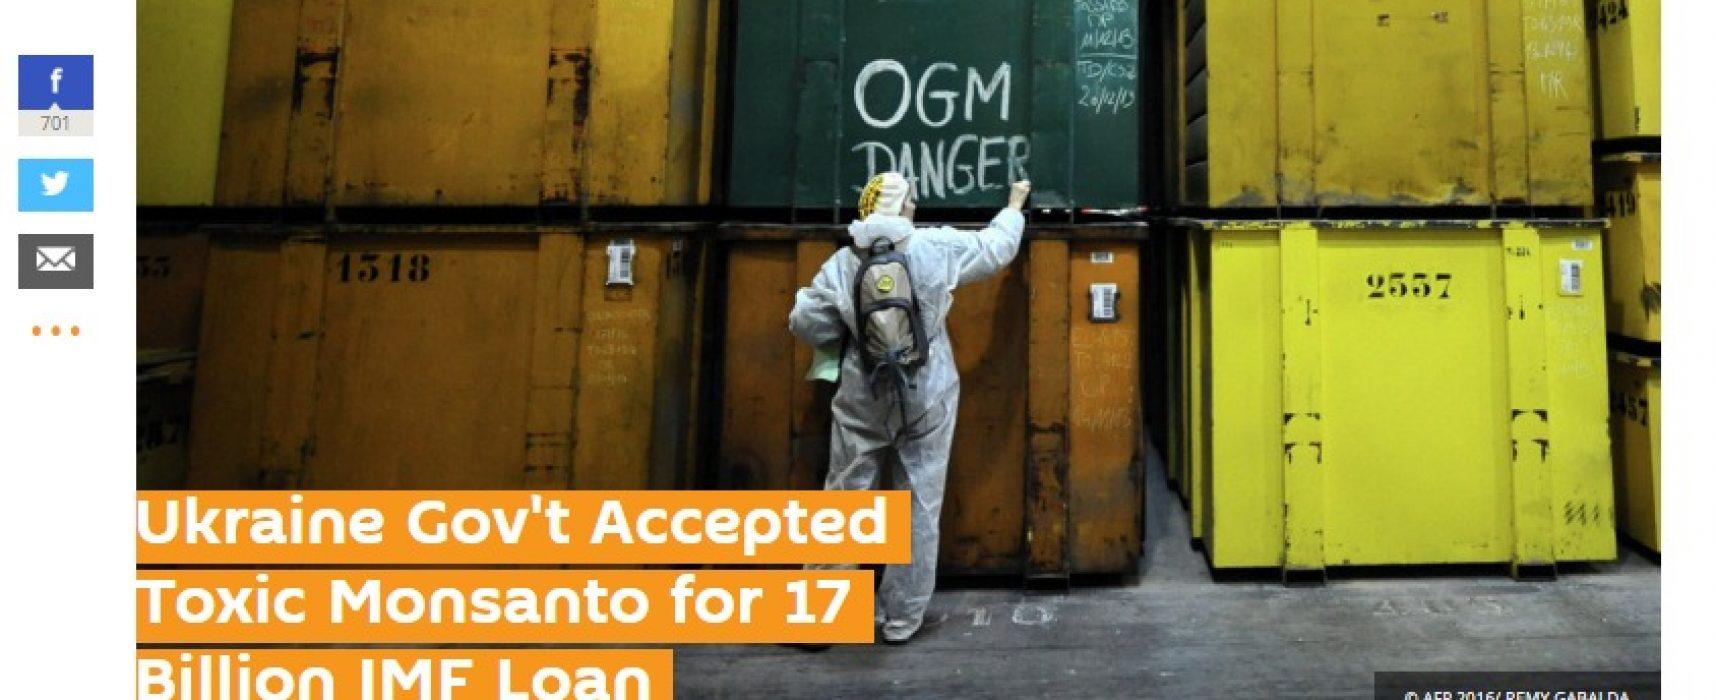 Как СМИ измислиха връзка между Споразумението за асоцииране и ГМО